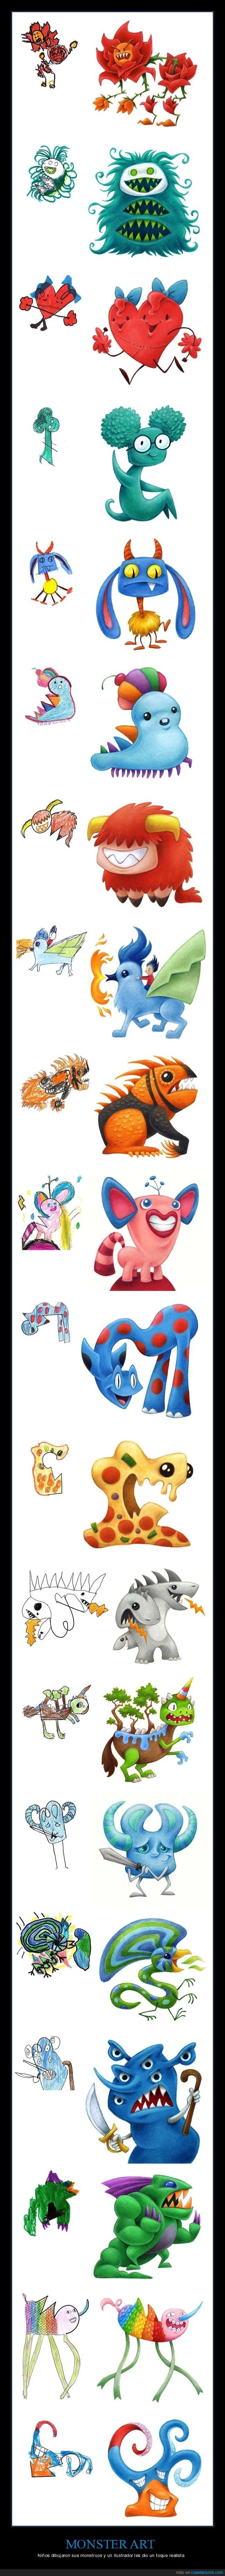 dibujos,monster art,monstruos,niños